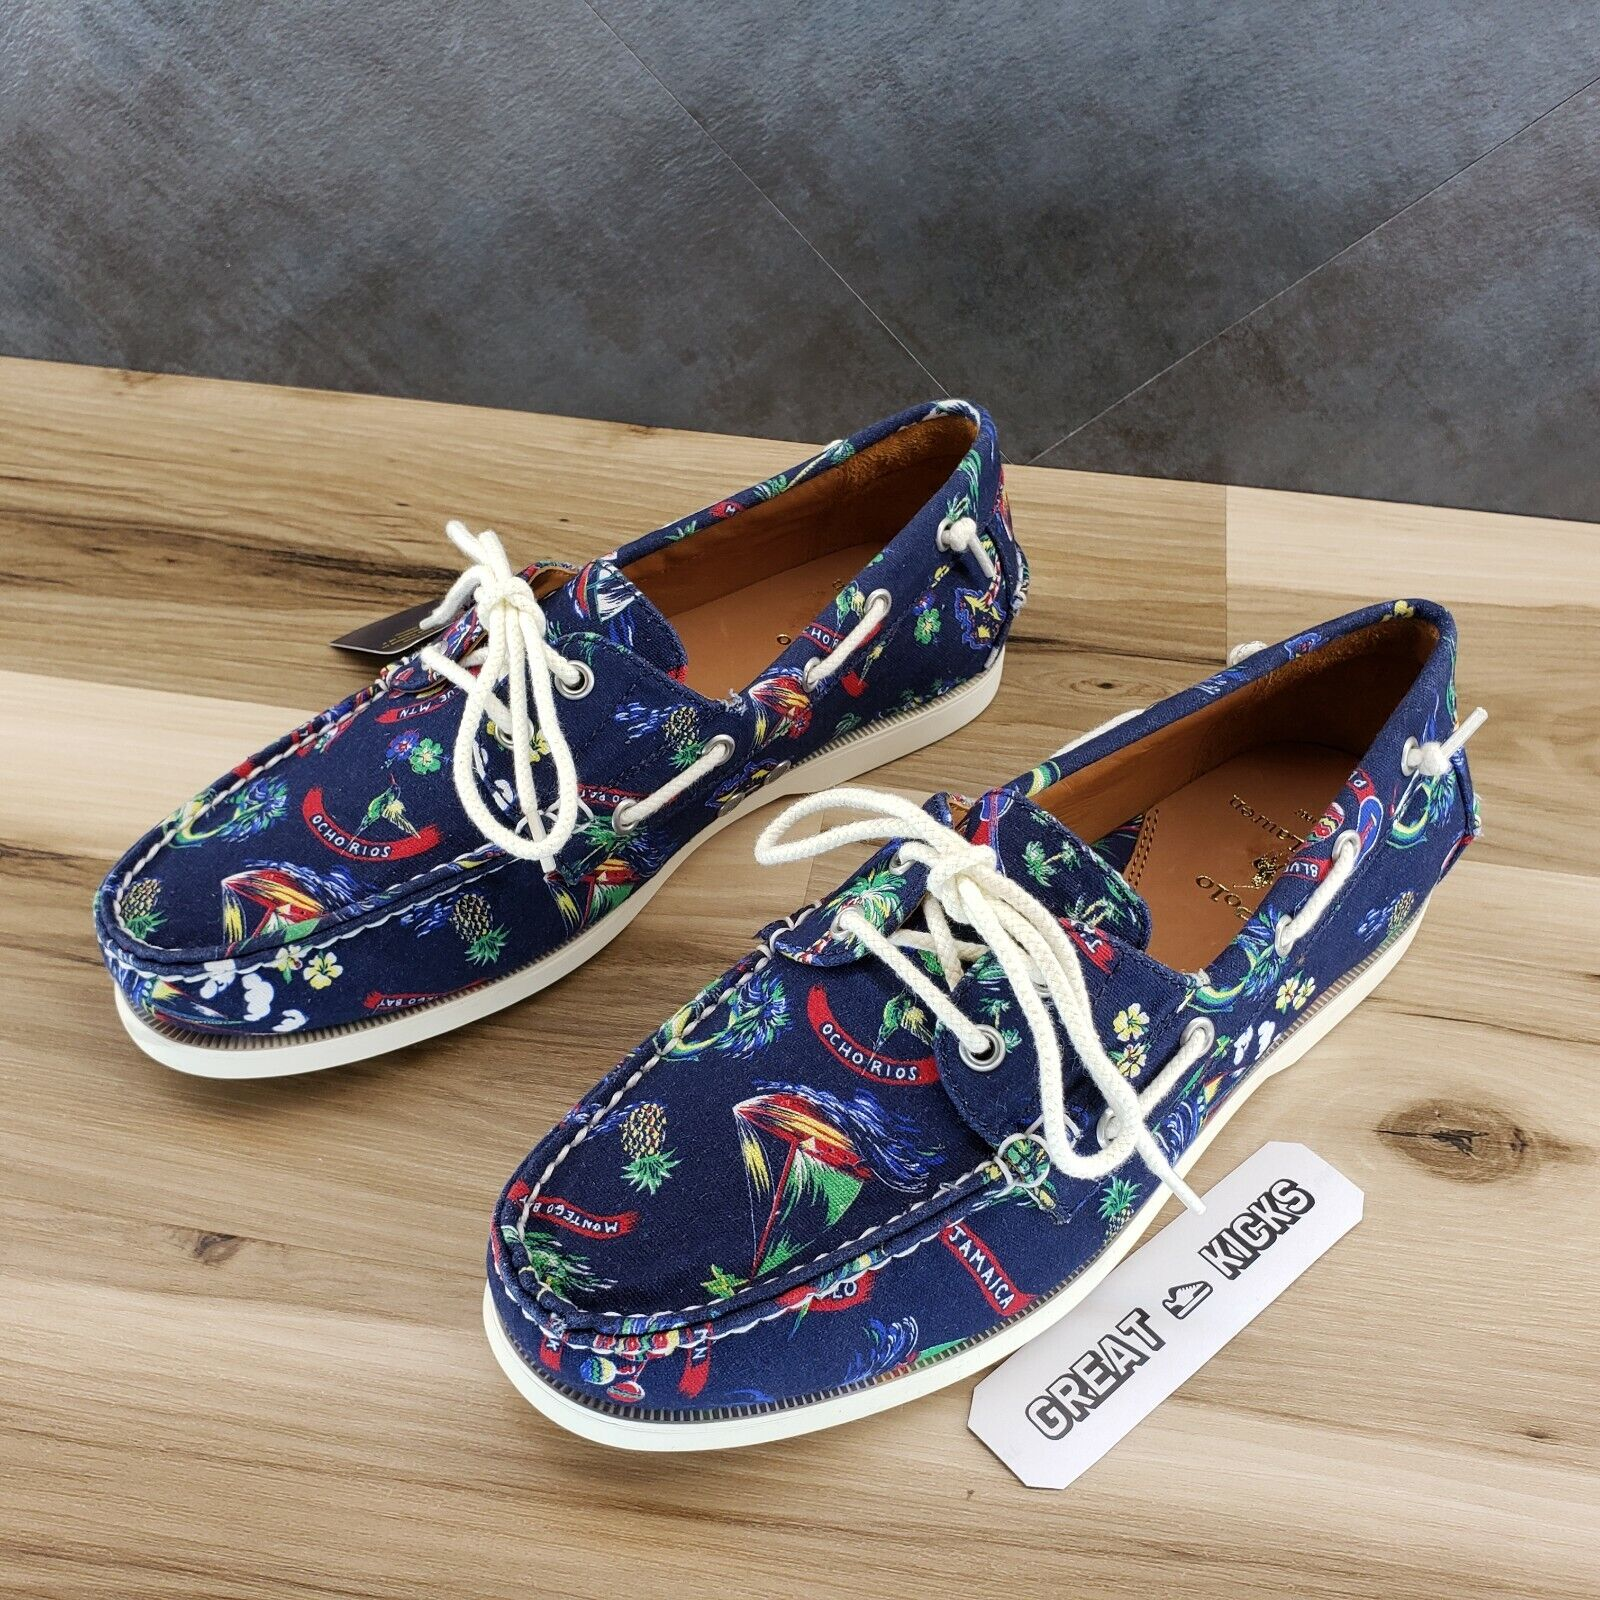 Polo Ralph Lauren Merton Tropical Men's Boat Shoes - Size 9, 9.5, 10, 11, 12